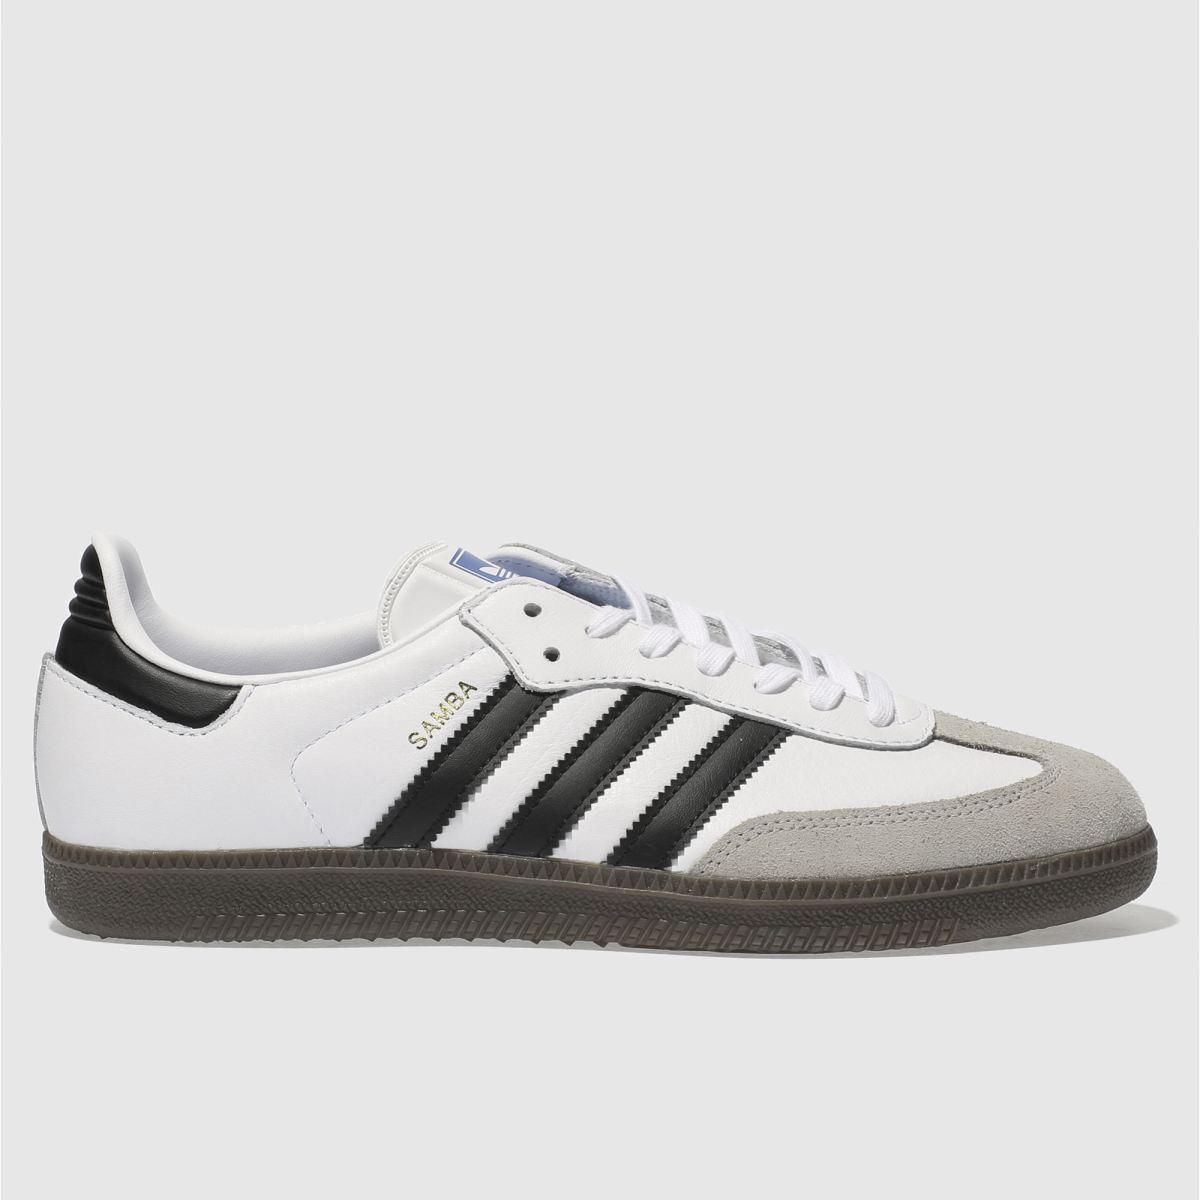 Adidas White & Black Samba Og Trainers